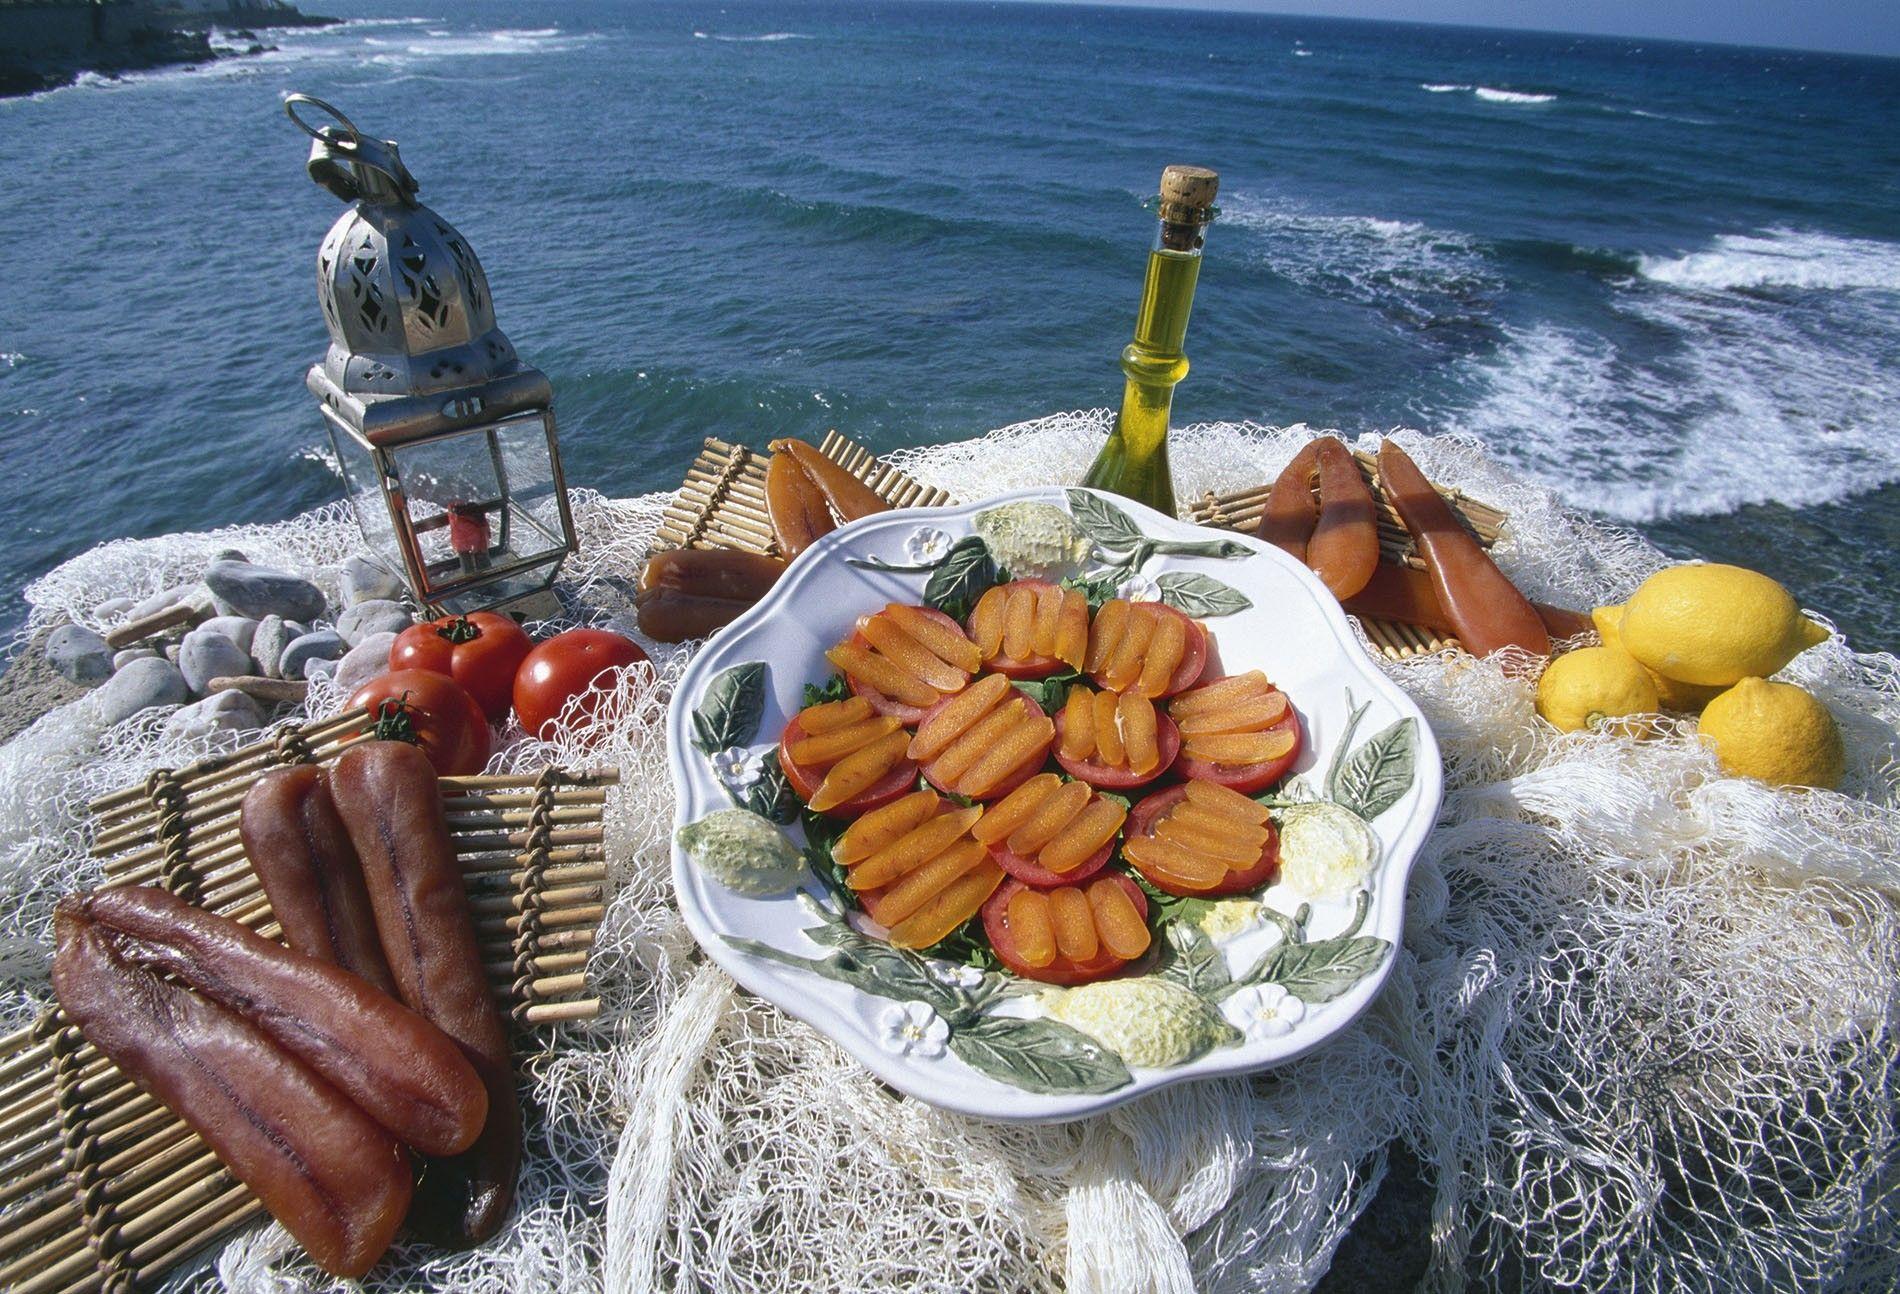 Bottarga of Muggine display by Moreno Cecchini on Alghero beach.